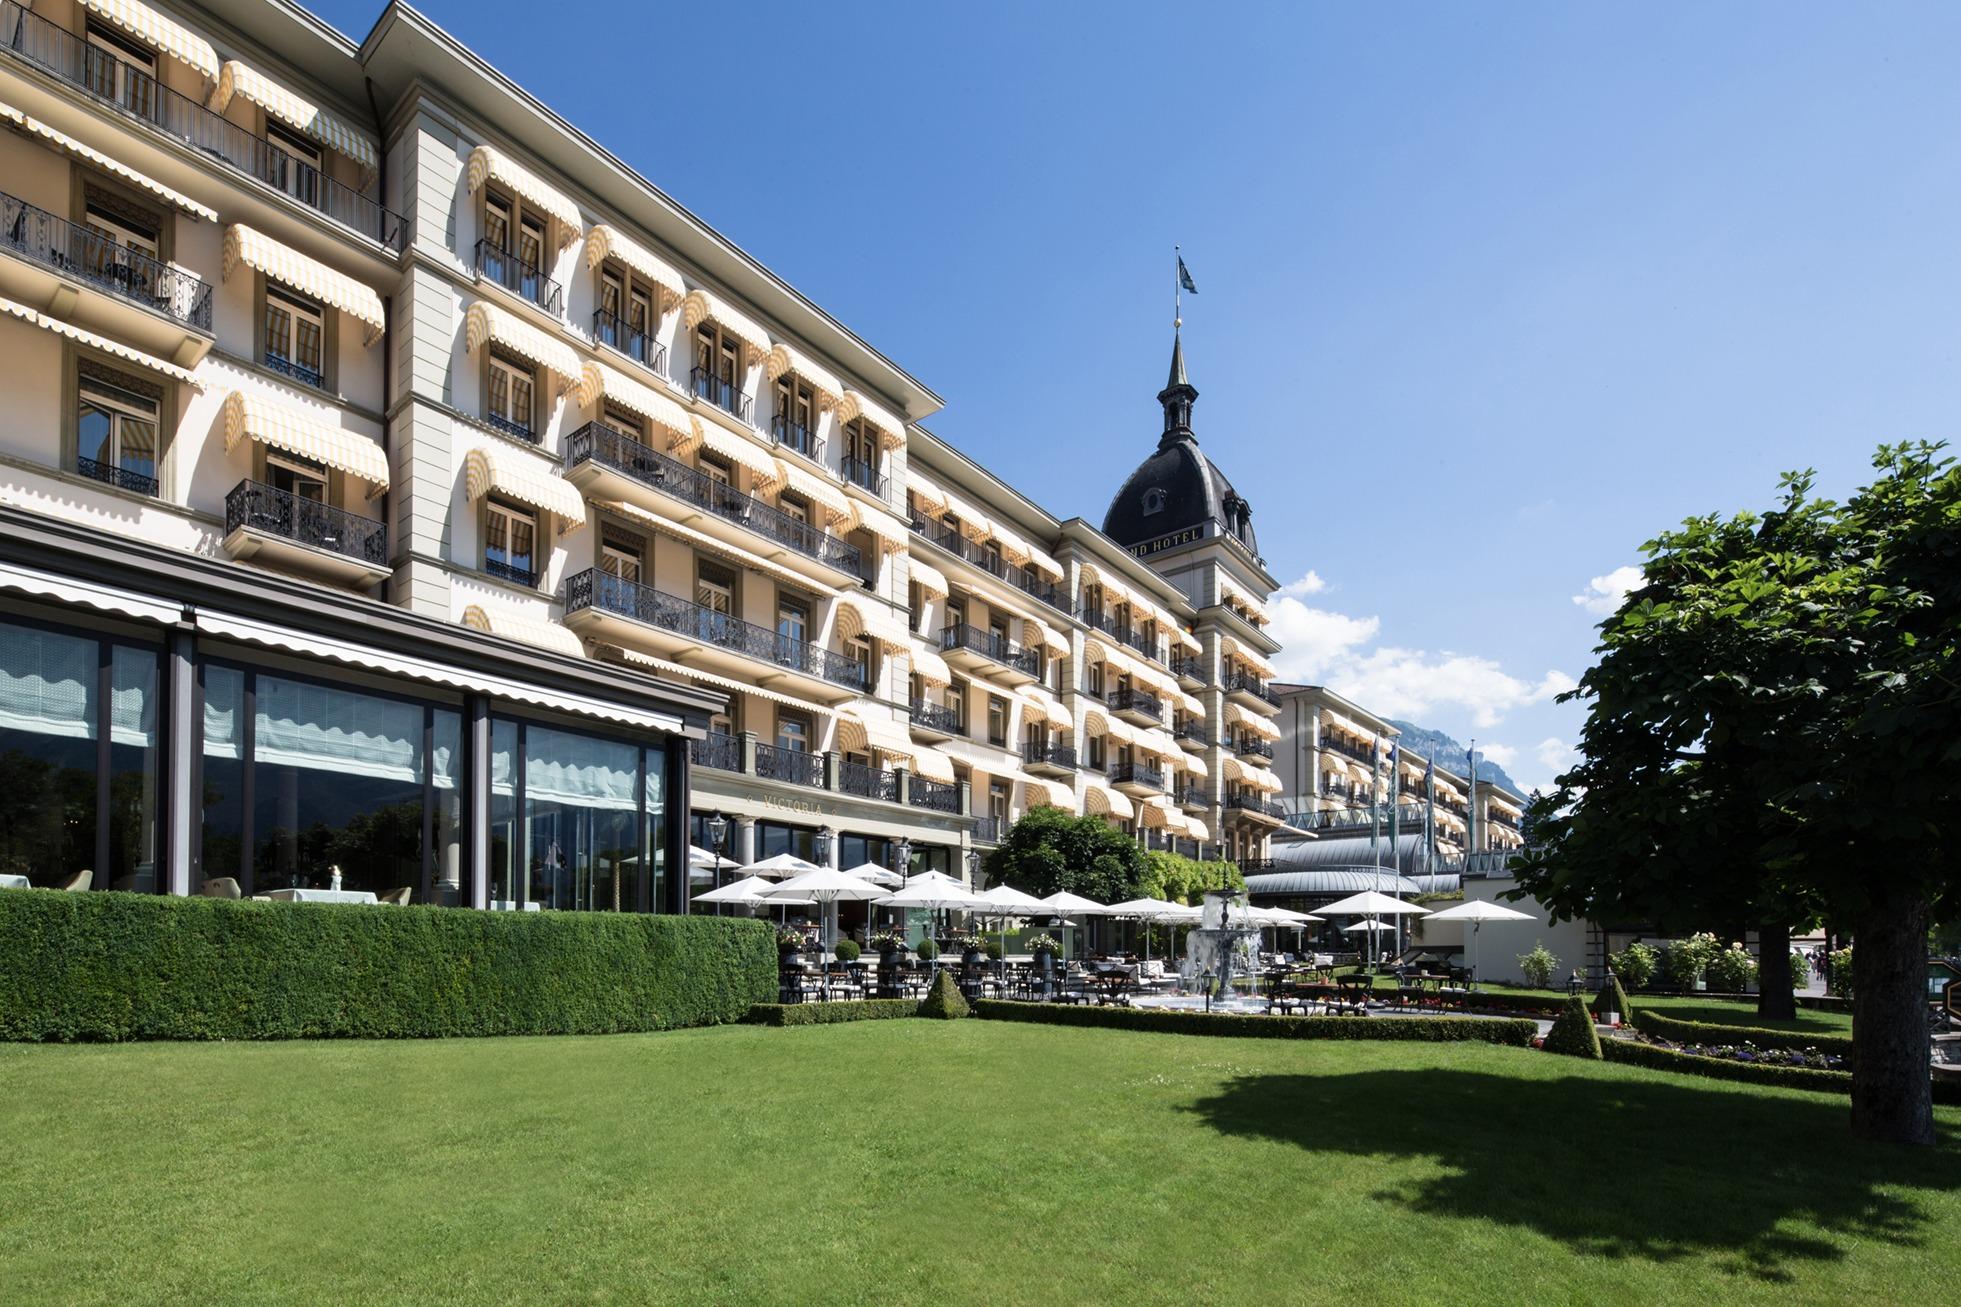 Victoria-Jungfrau Grand Hôtel & Spa extérieur